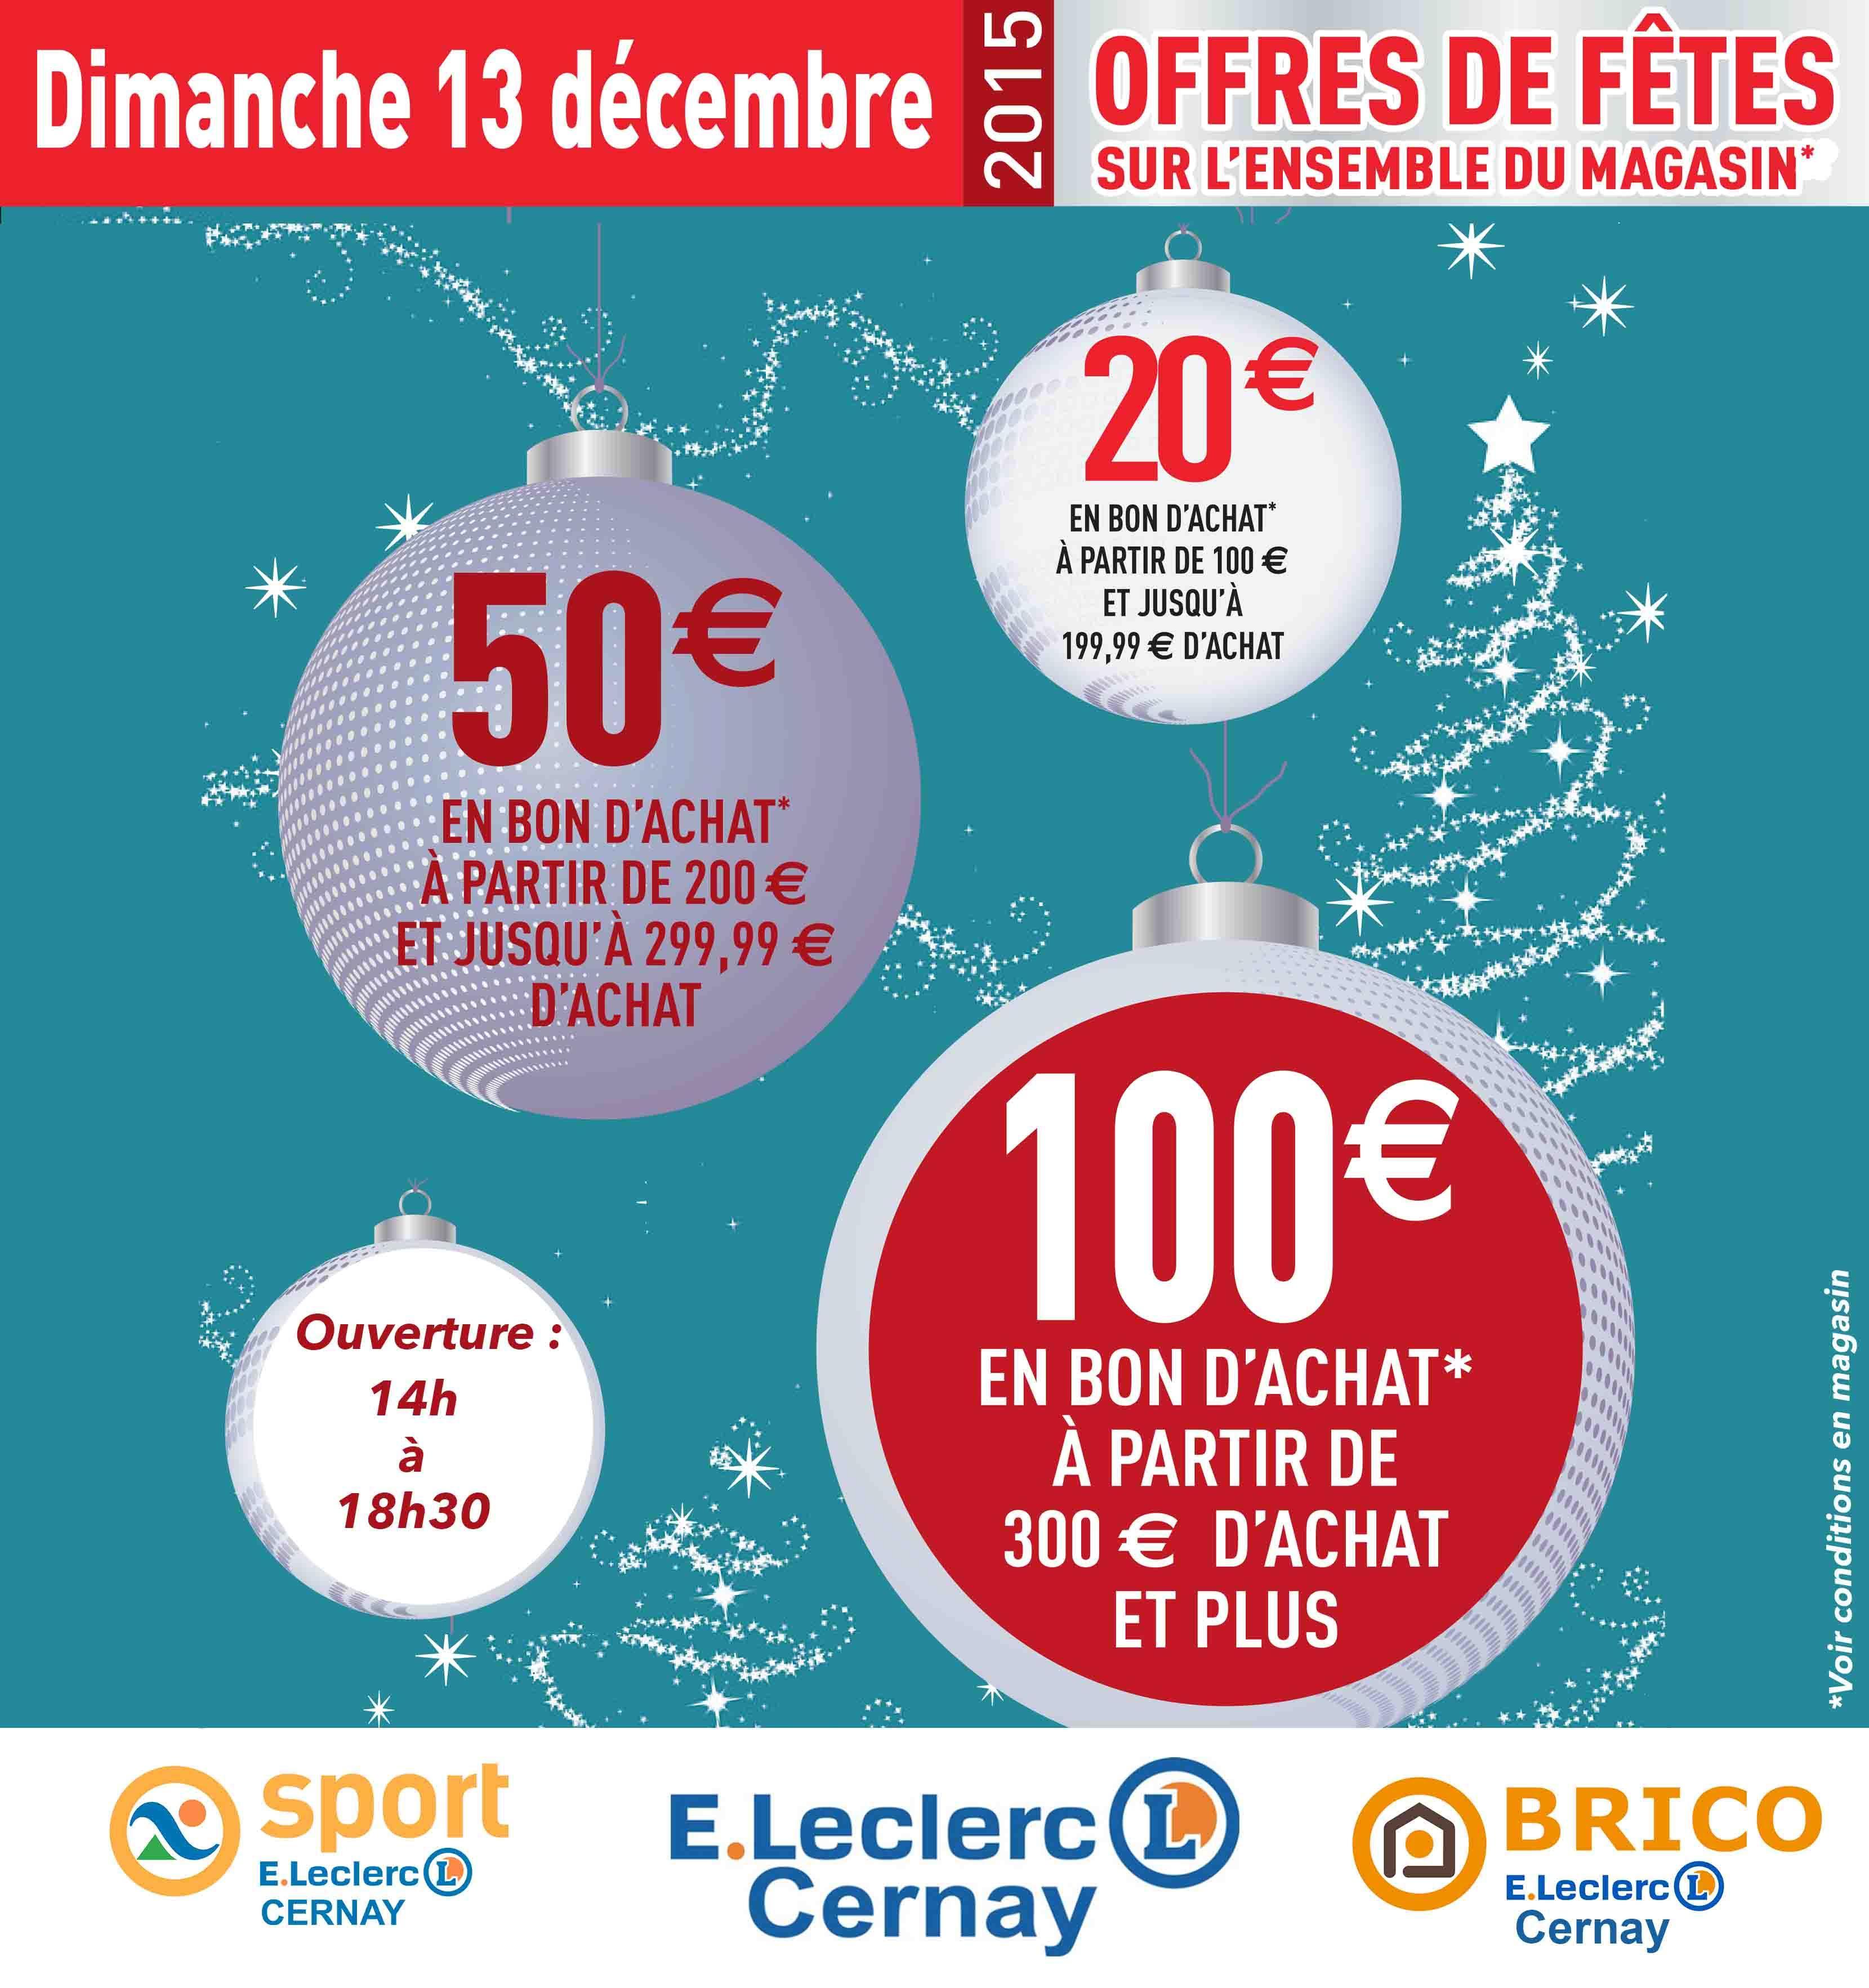 20€ offerts en bon d'achat dès 100€ d'achat, 50€ dès 200€ et 100€ en bon d'achat dès 300€ d'achats